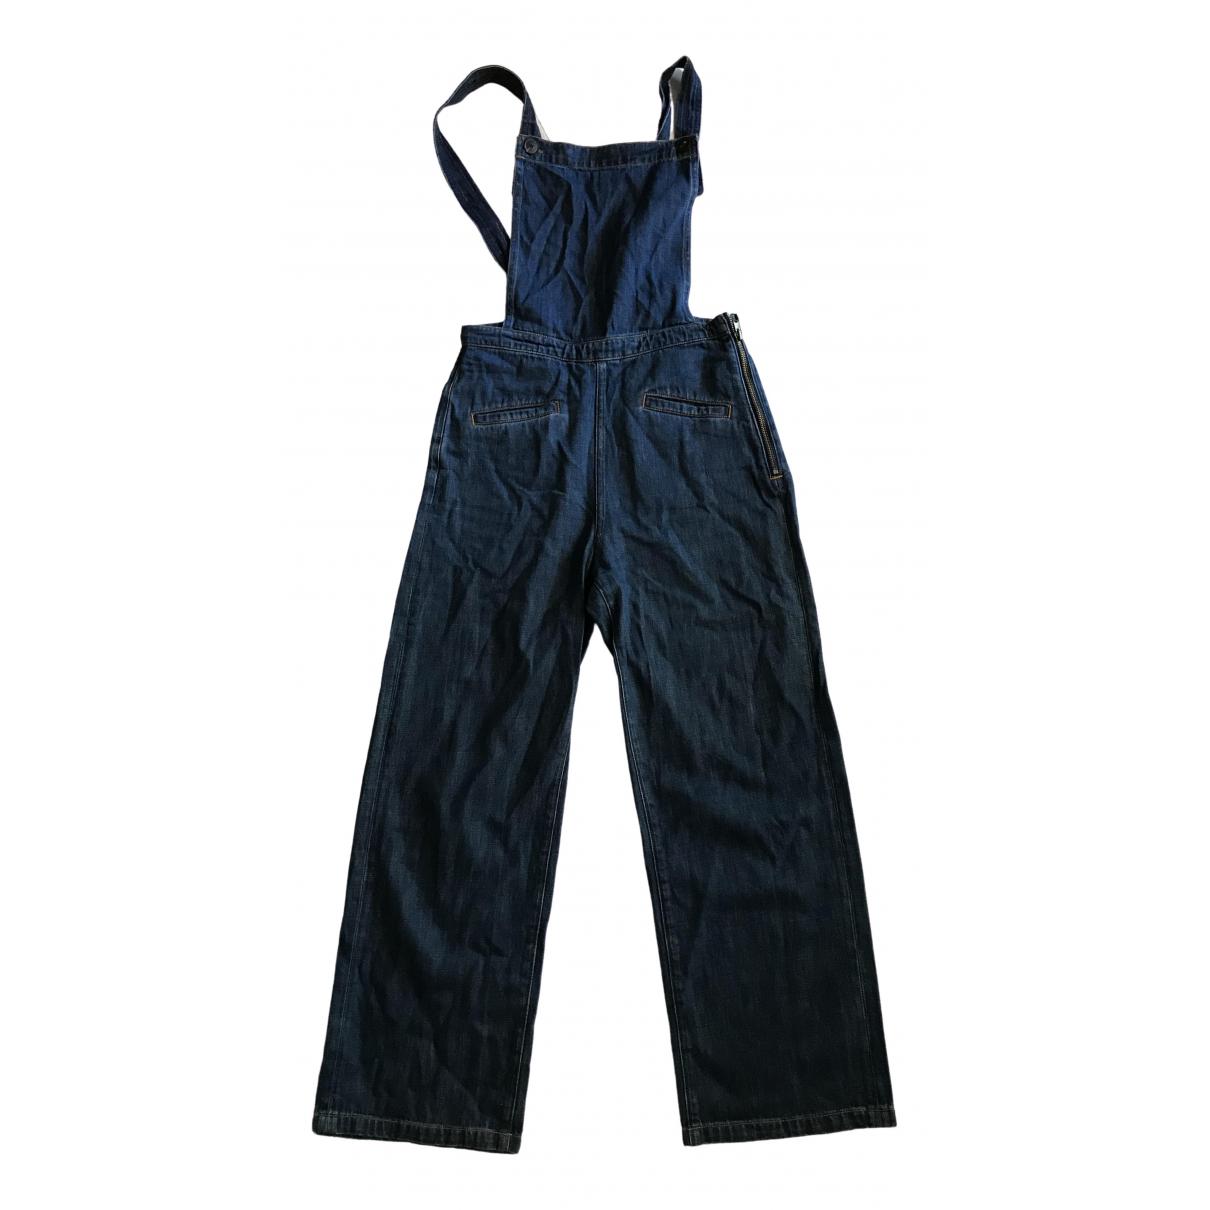 Mih Jean - Combinaison   pour femme en denim - bleu